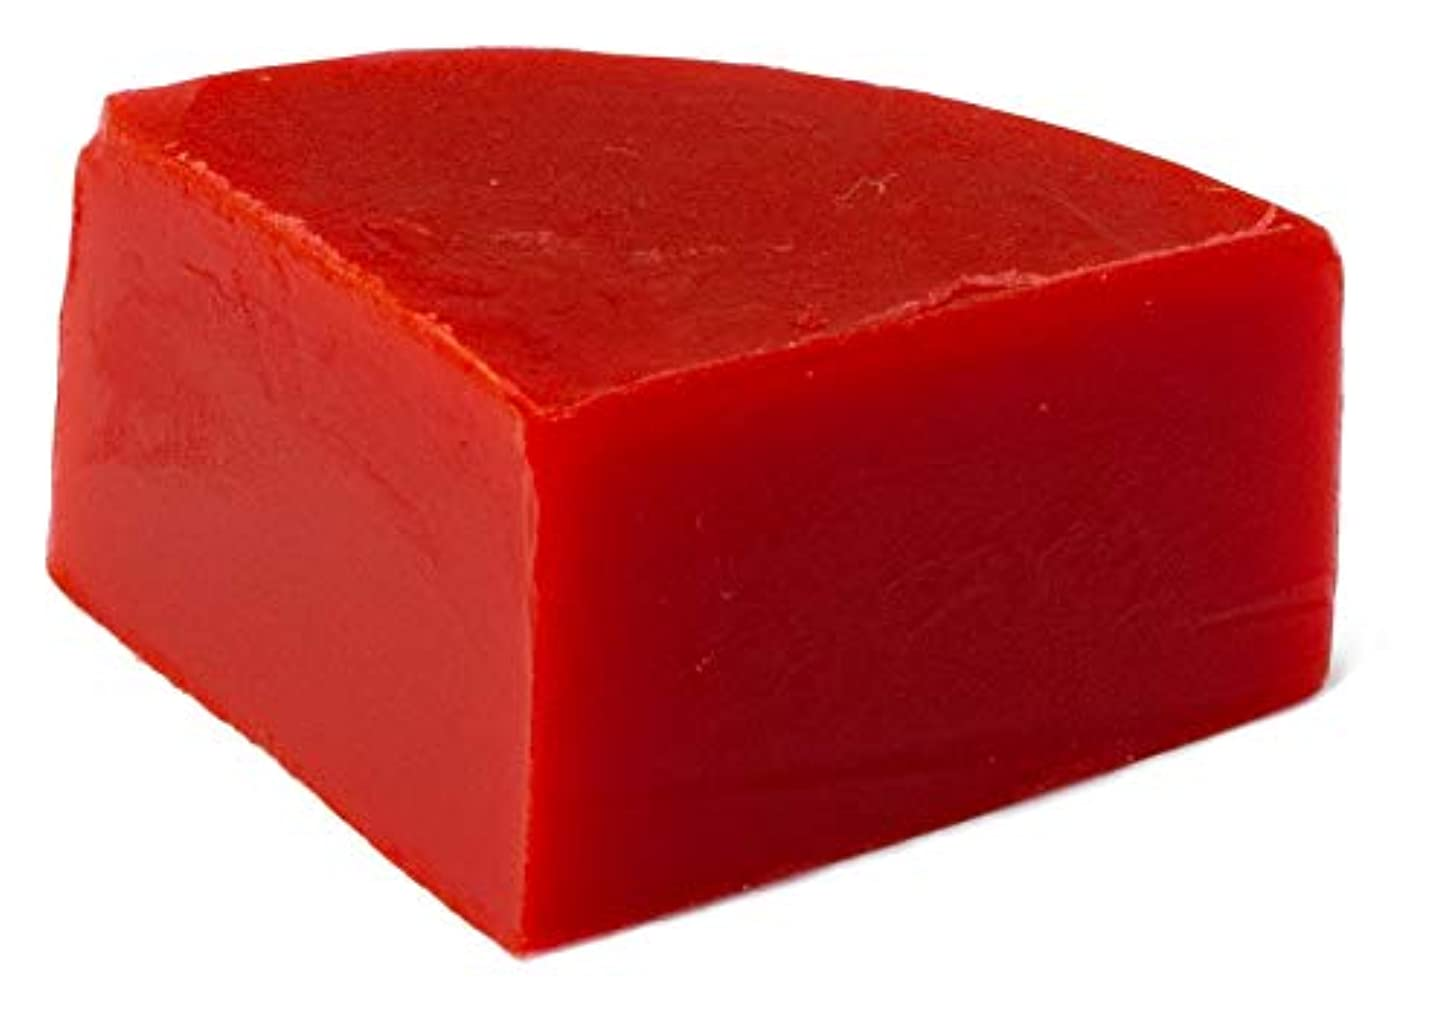 ゆりかご不安定な宗教グリセリン クリアソープ 色チップ 赤 25g (MPソープ)